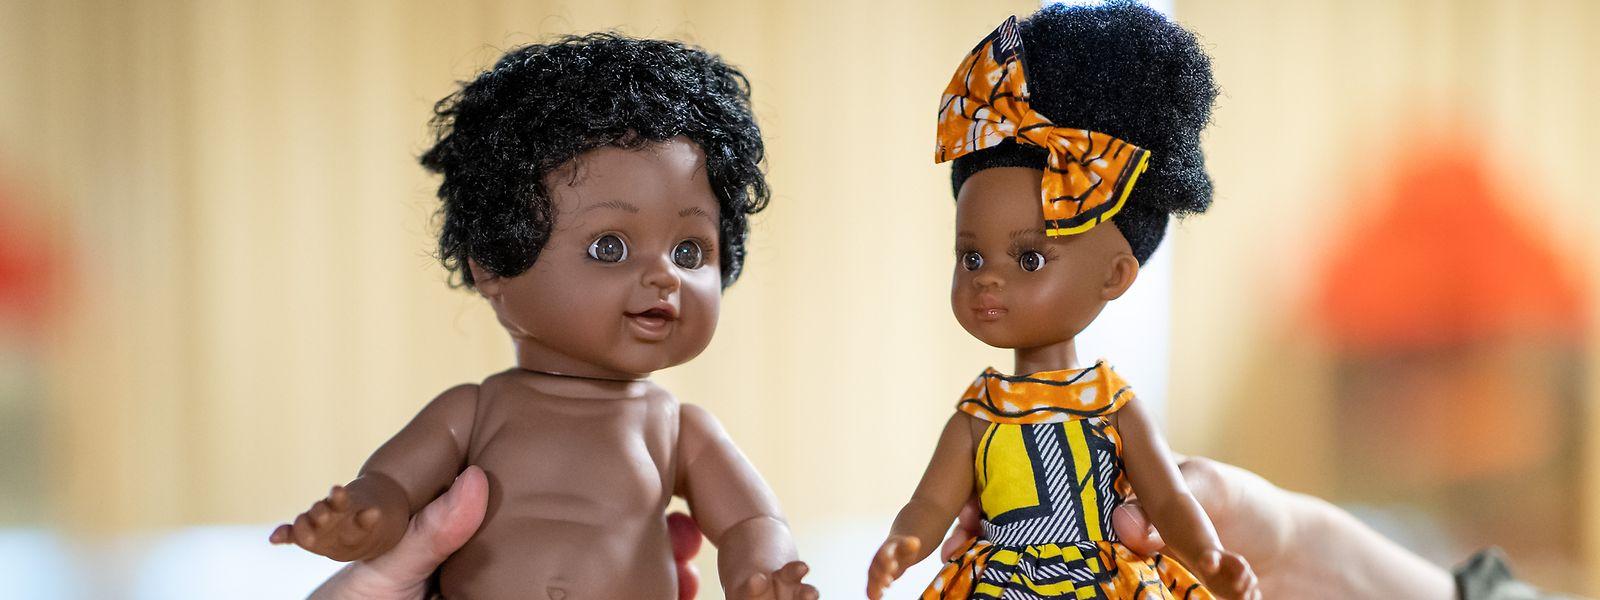 Die linke Puppe trägt nur einen Lendenschurz in Leopardenmuster. Zudem sind die Gesichtszüge denen einer hellhäutigen Puppe nachempfunden, so die Mitarbeiter des Museums in Nürnberg. Das Spielzeug rechts wirke dagegen modern – und nicht rassistisch.